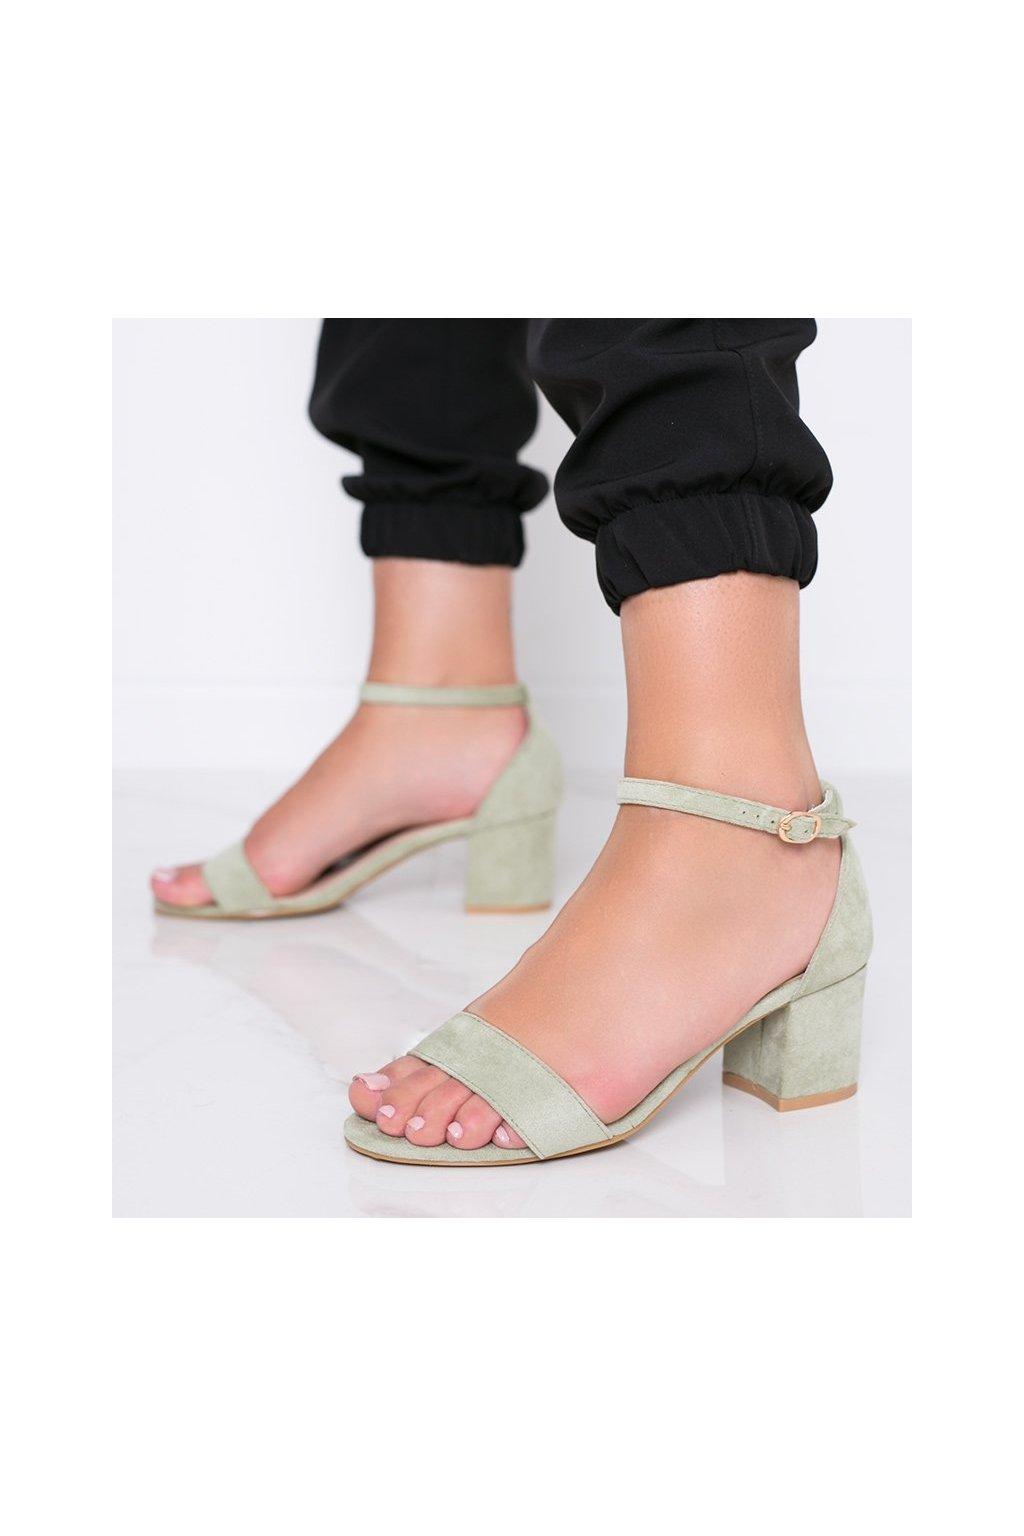 Dámske topánky sandále zelené kód 99-36A - GM